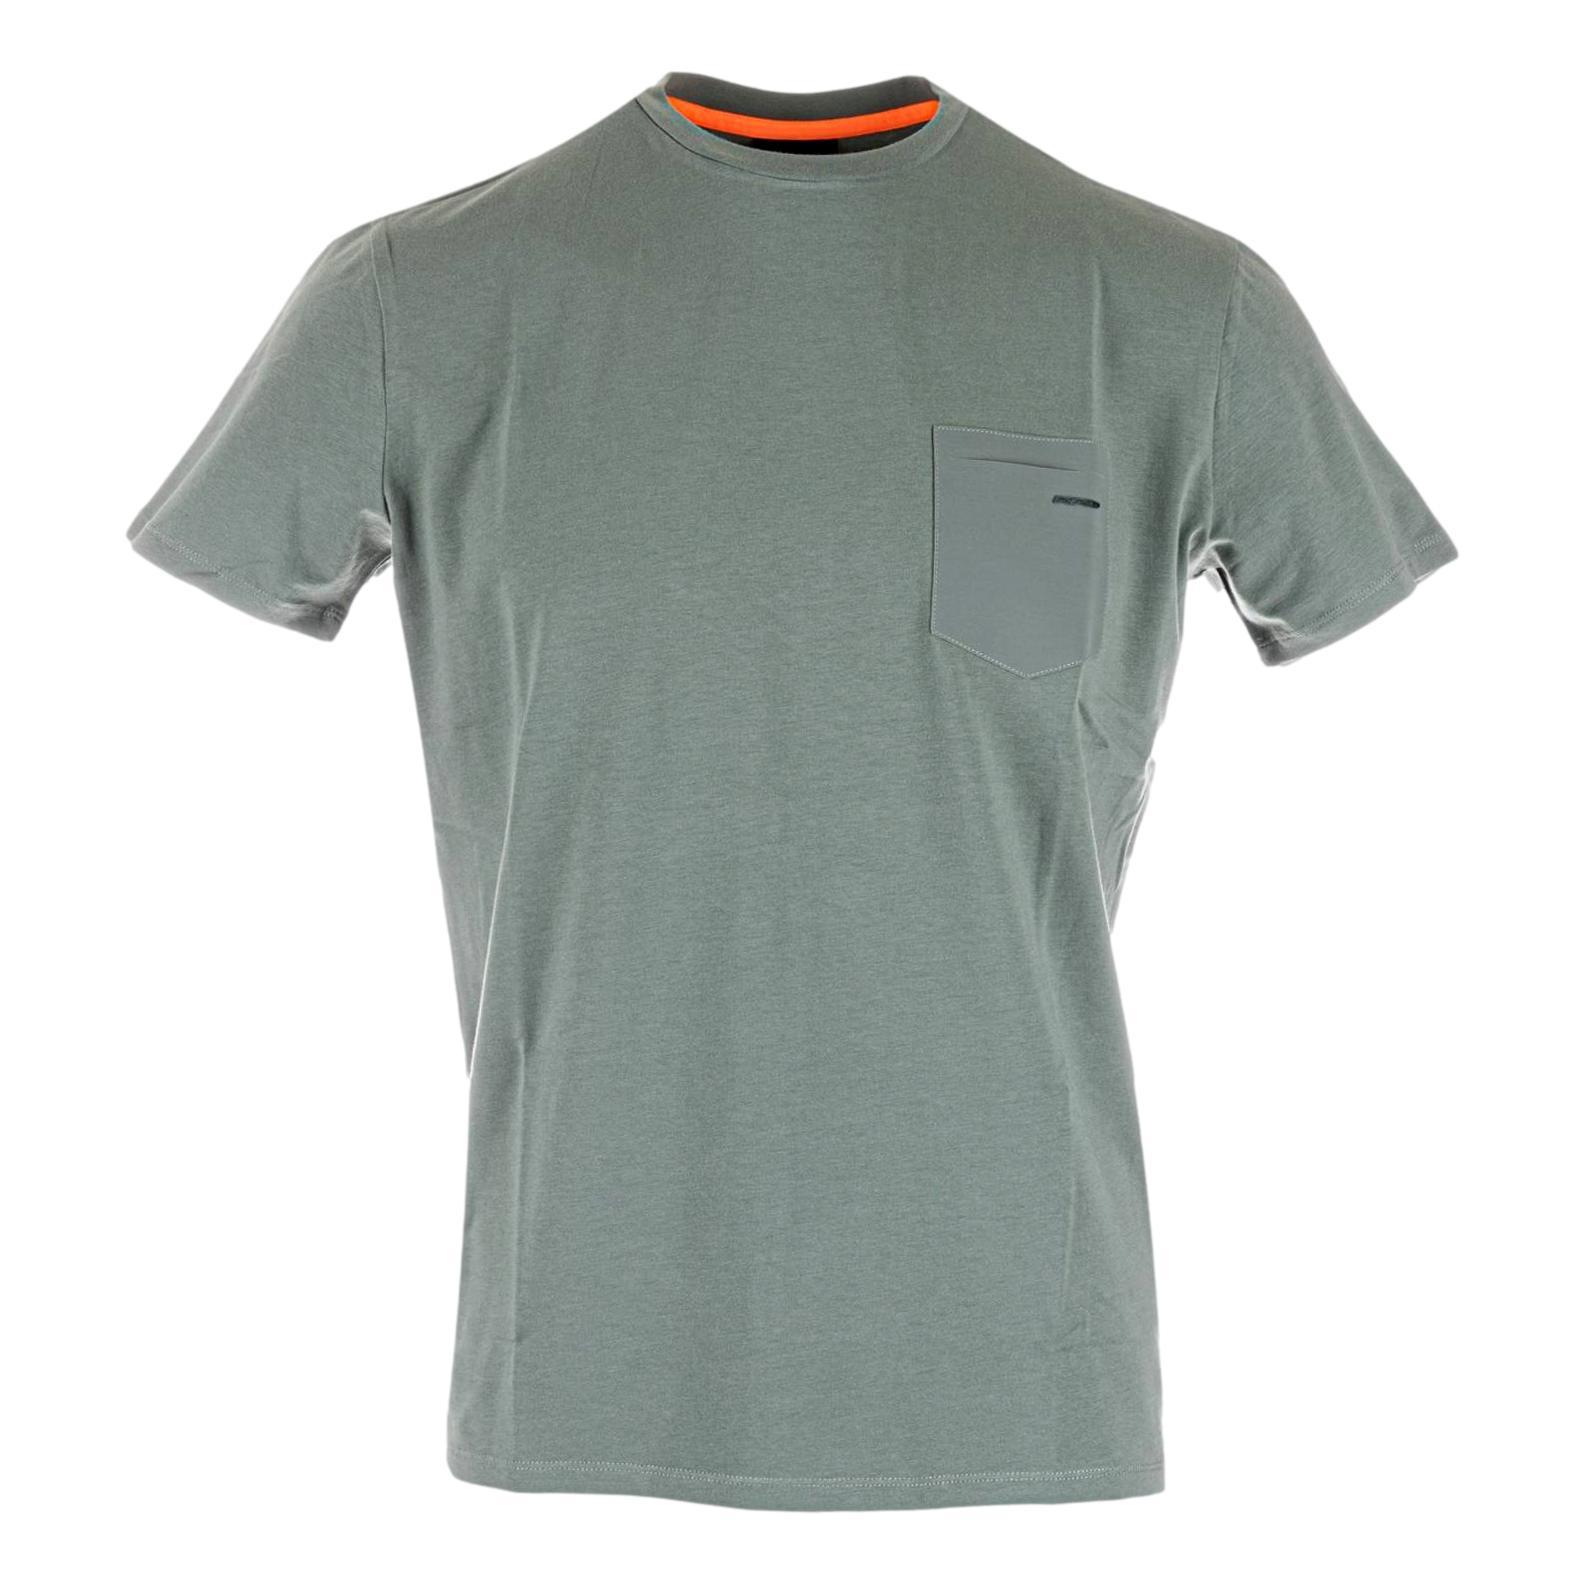 T-Shirt shirty revo RRD SOFT GREEN RRD      2116322